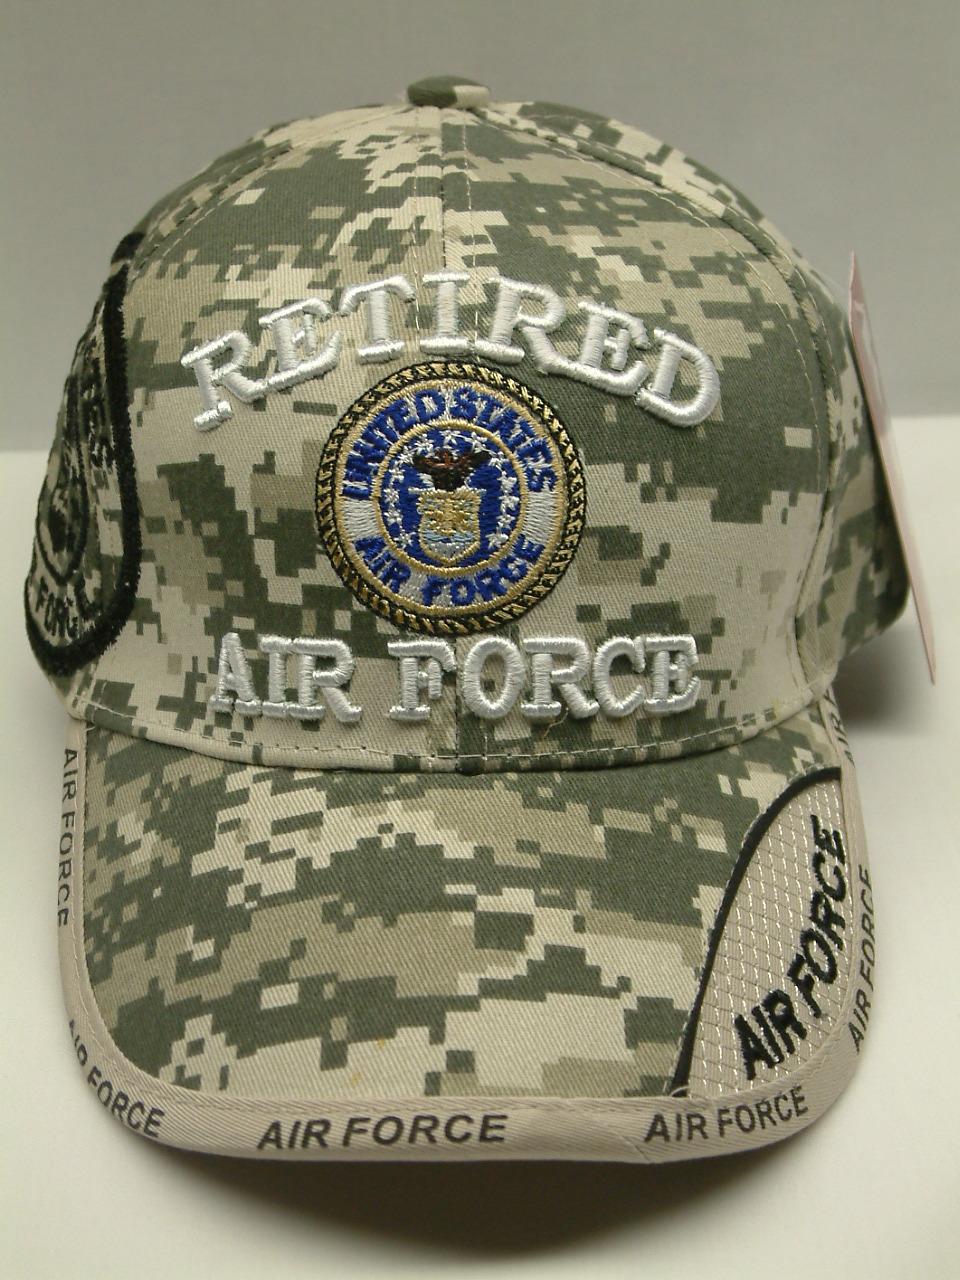 AIR FORCE - RETIRED - ACU Digital Camo Cap and 50 similar items 01b02cf6d116